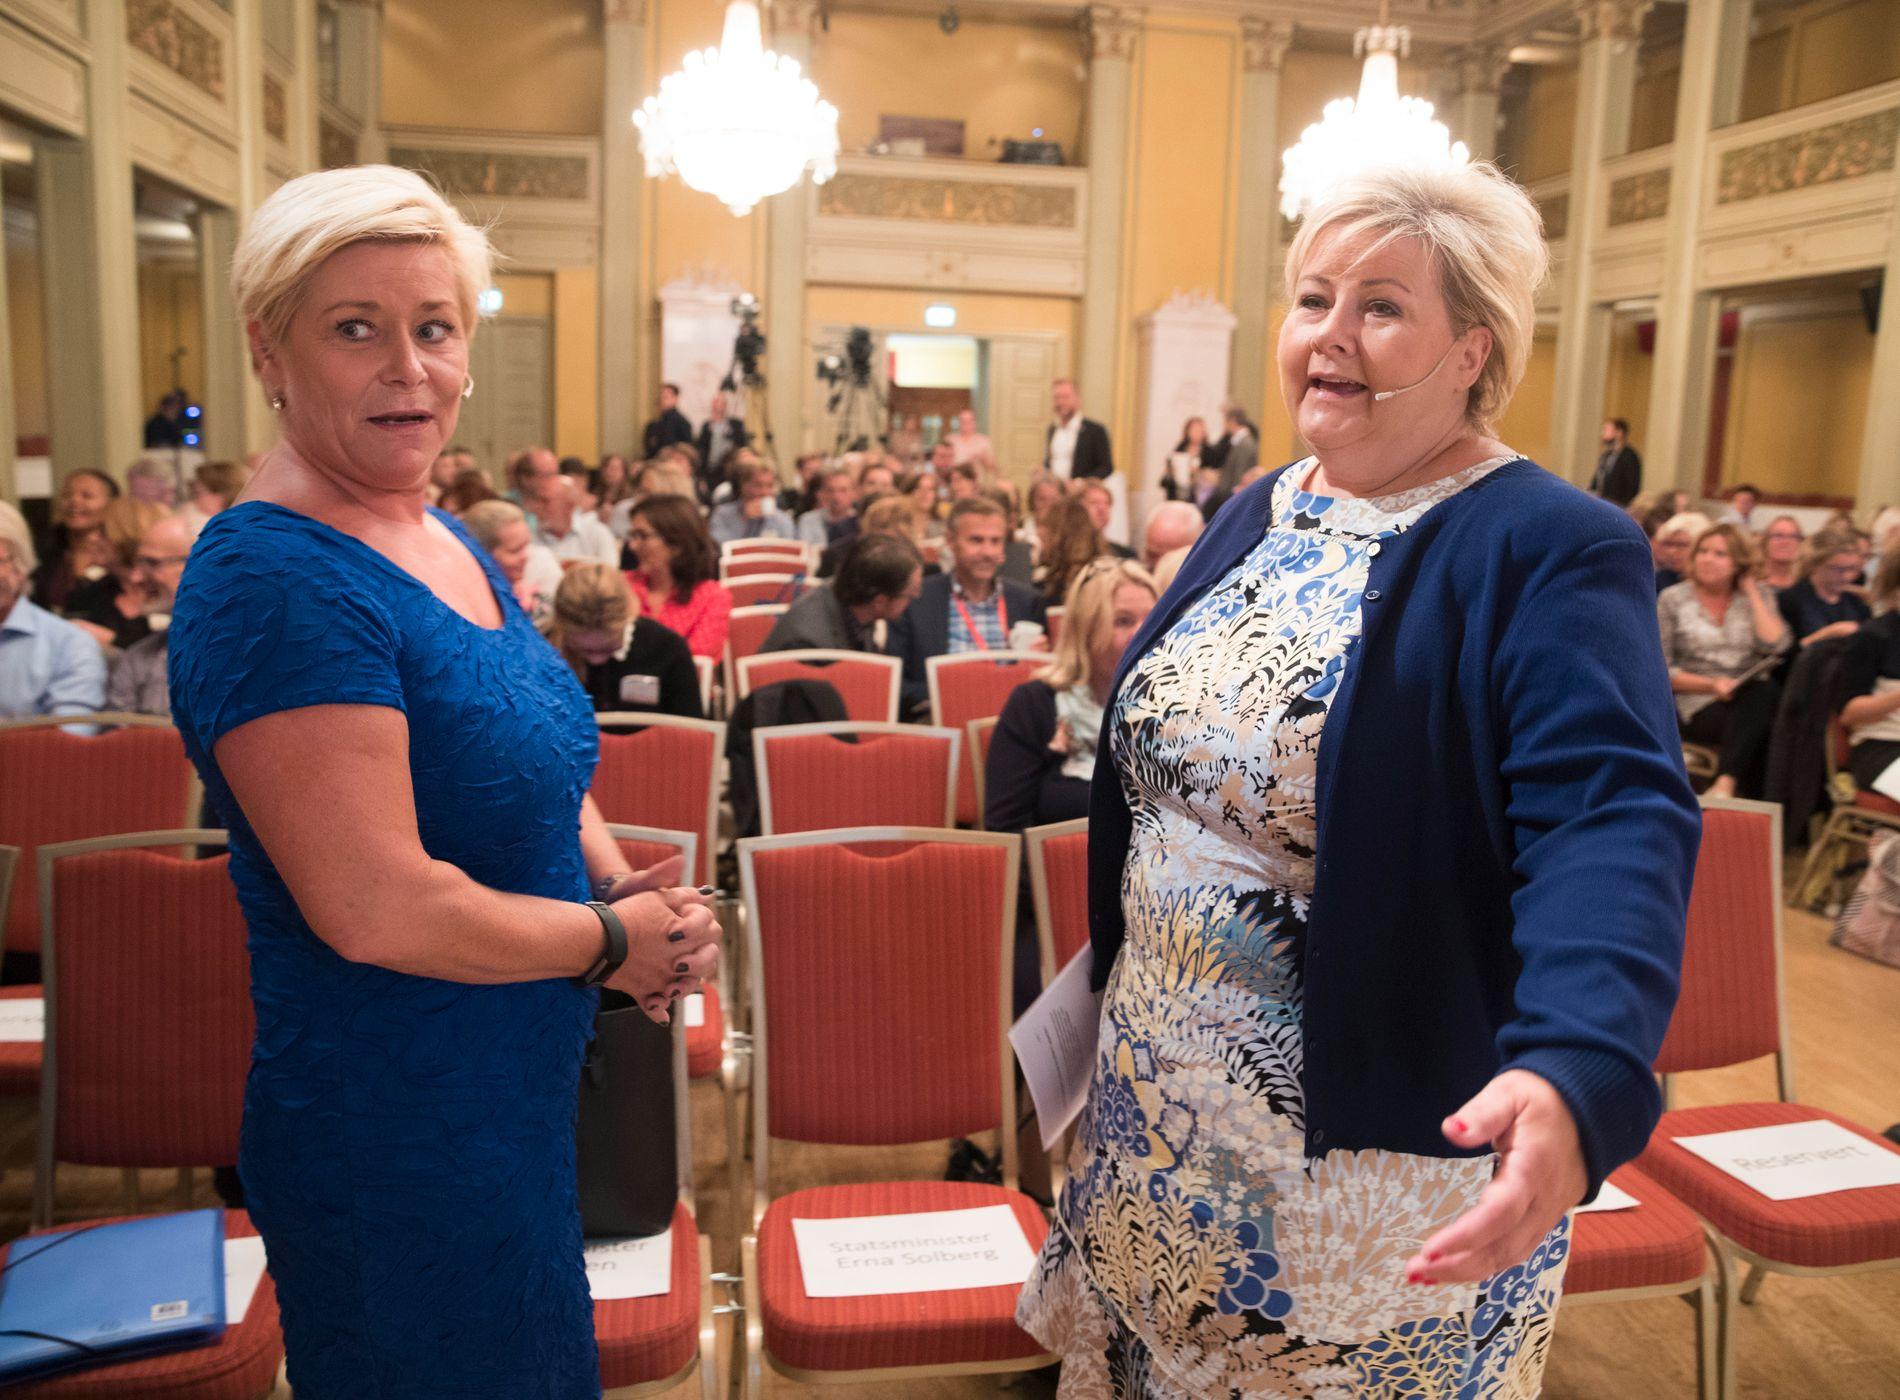 VIL REDUSERE FORSKJELLENE: Finansminister Siv Jensen og statsminister Erna Solberg arrangerte konferanse om ulikhet nå i august.